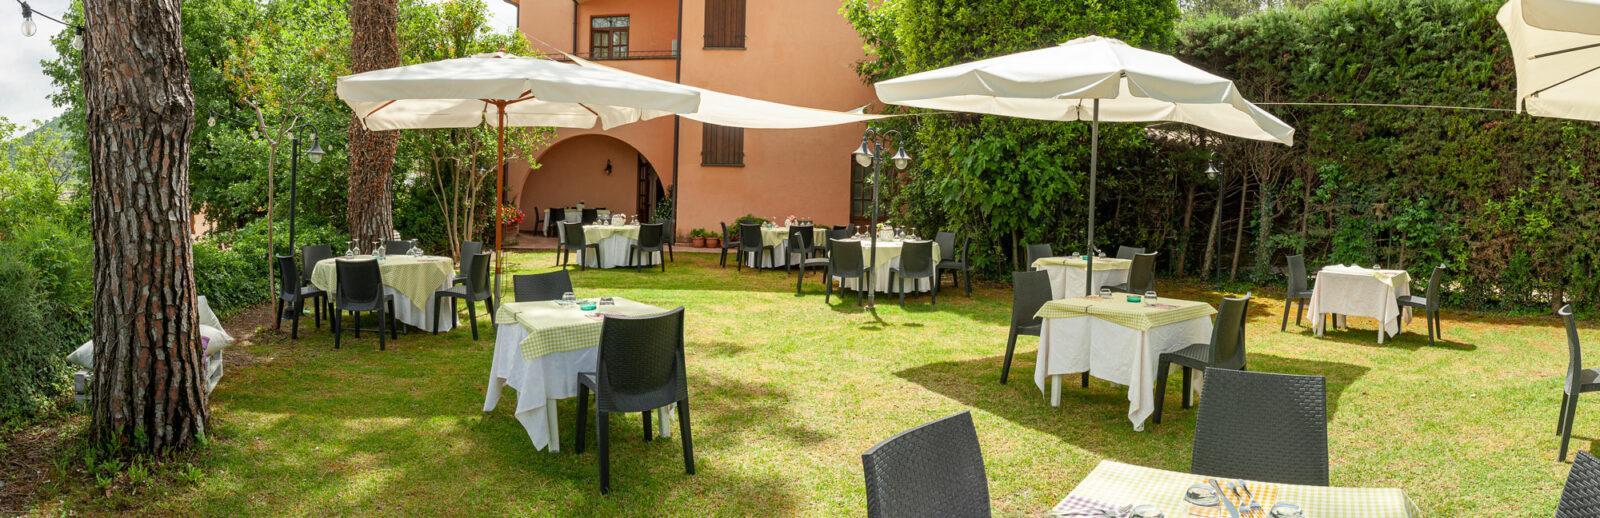 la-fattoria-ristorante-pizzeria-albergo-giardino-panoramica-3